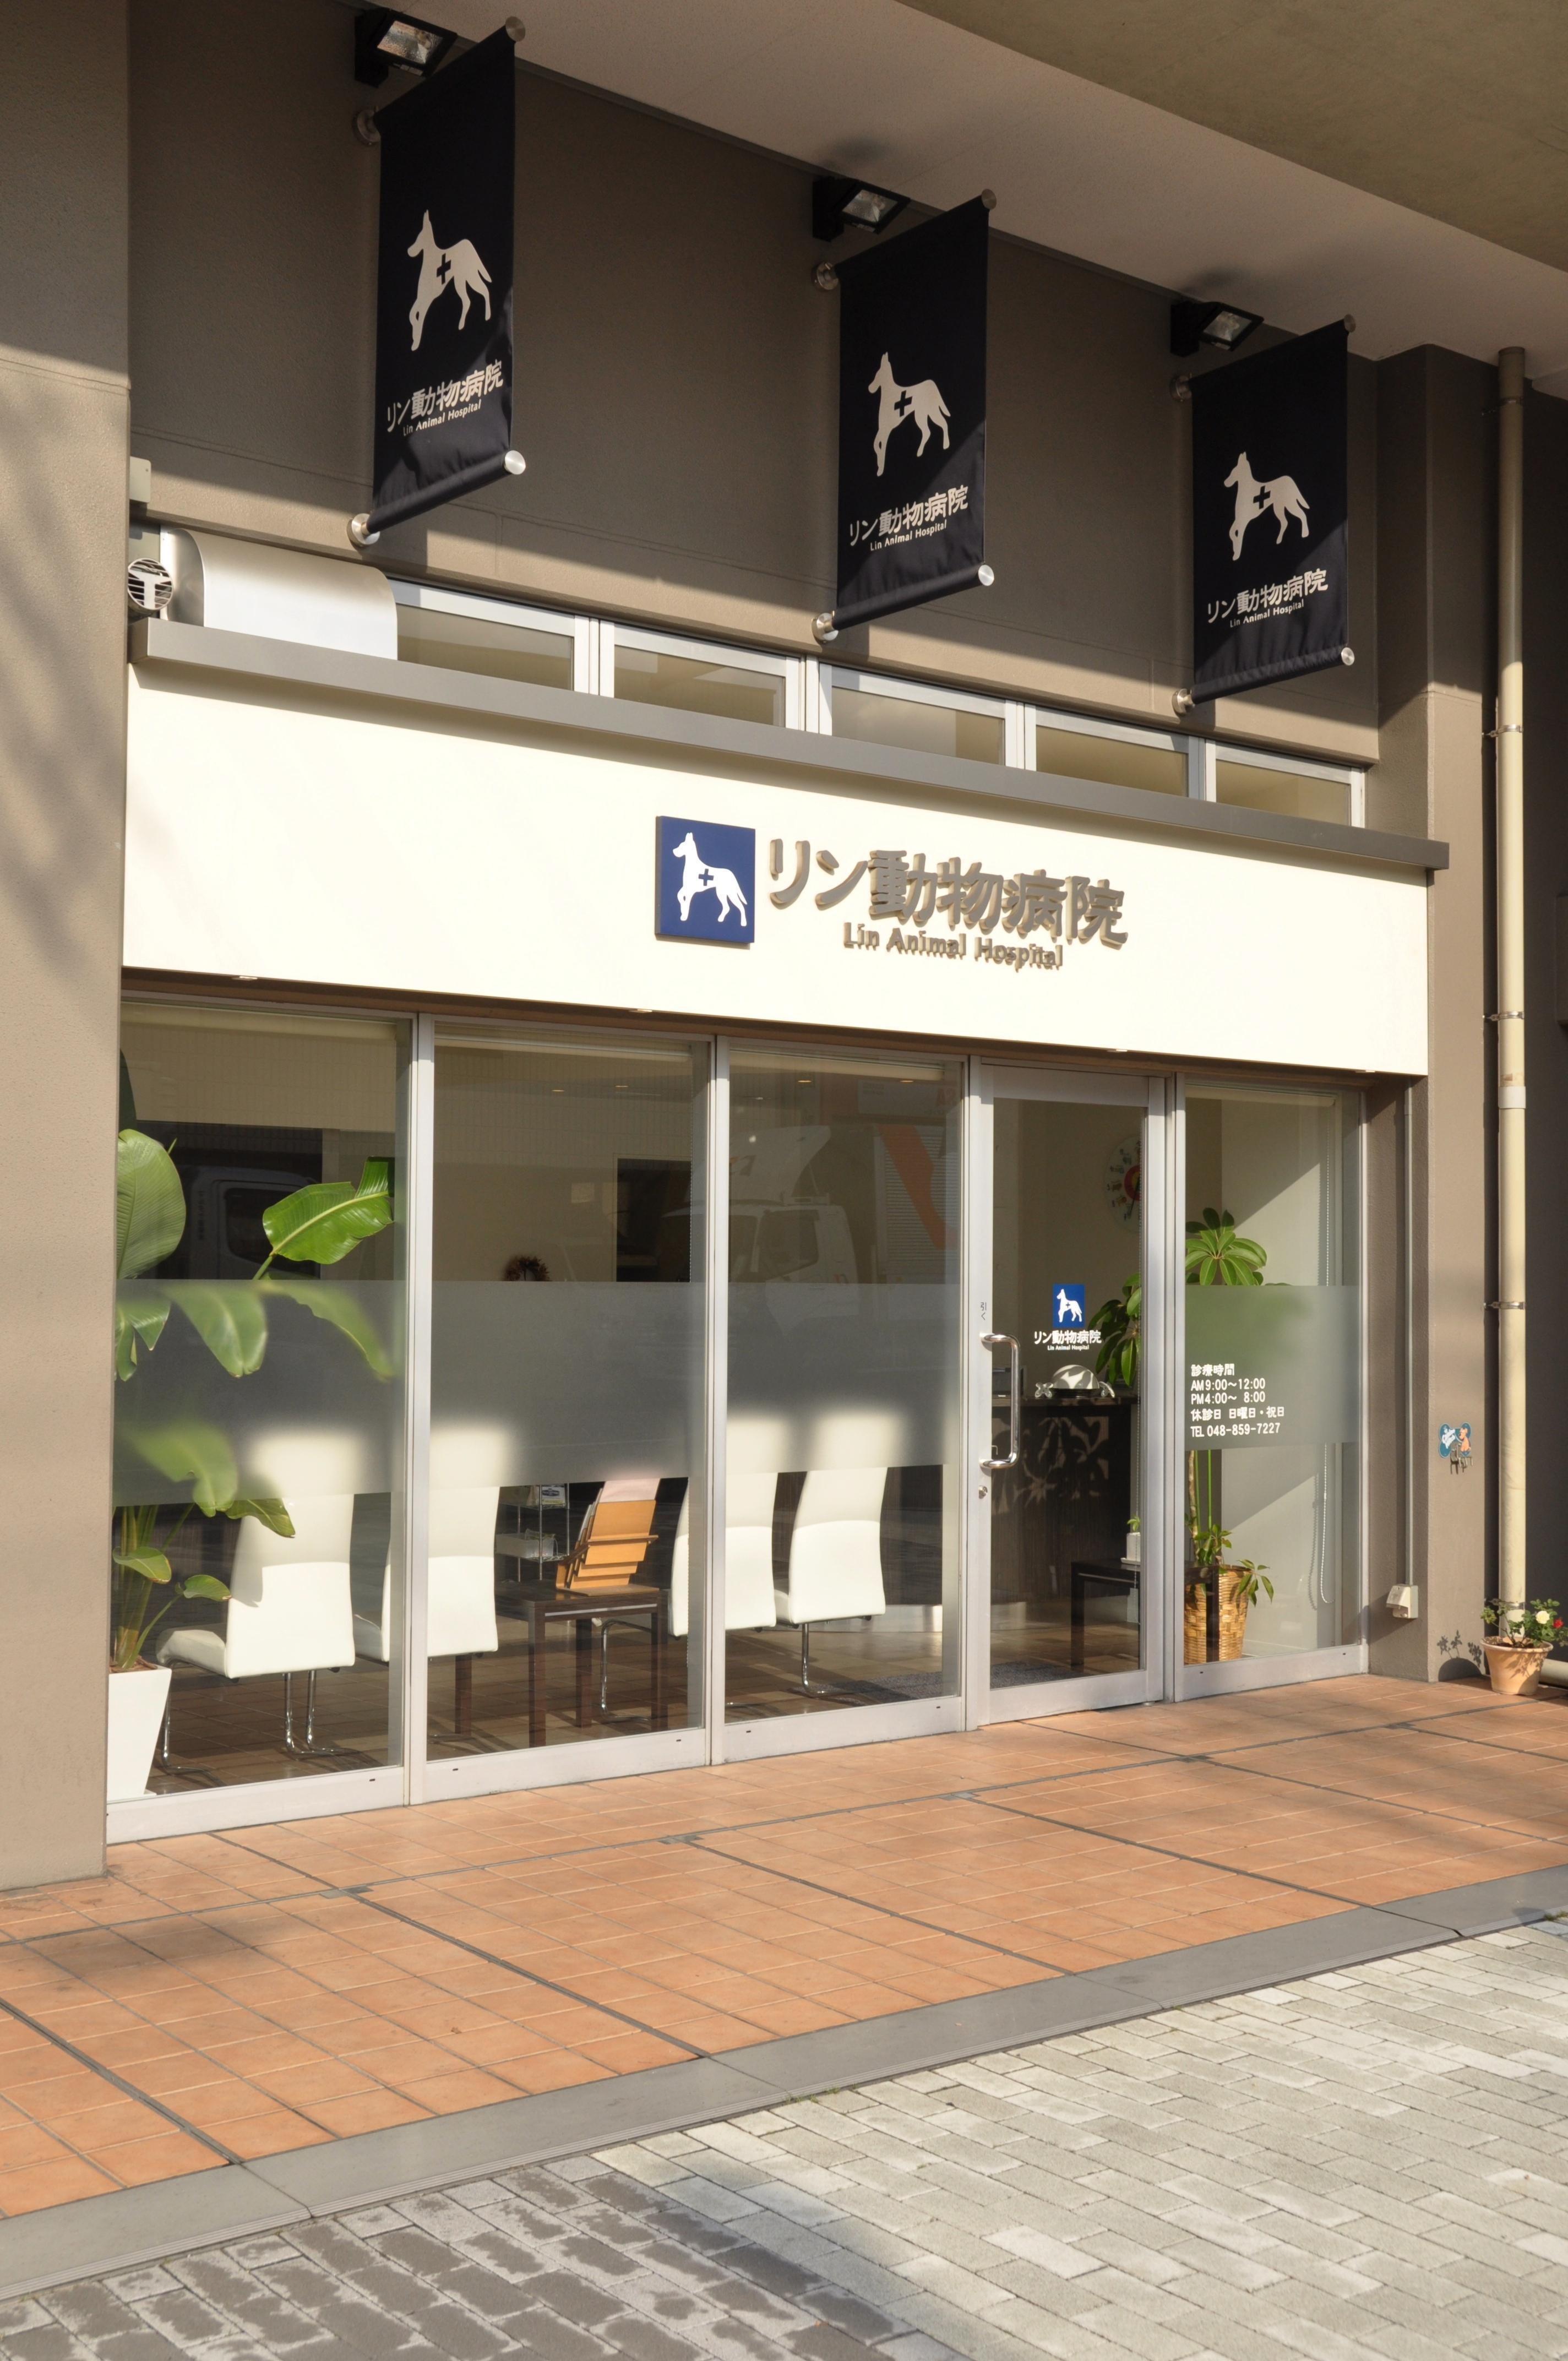 【さいたま市桜区】リン動物病院 動物看護士募集!